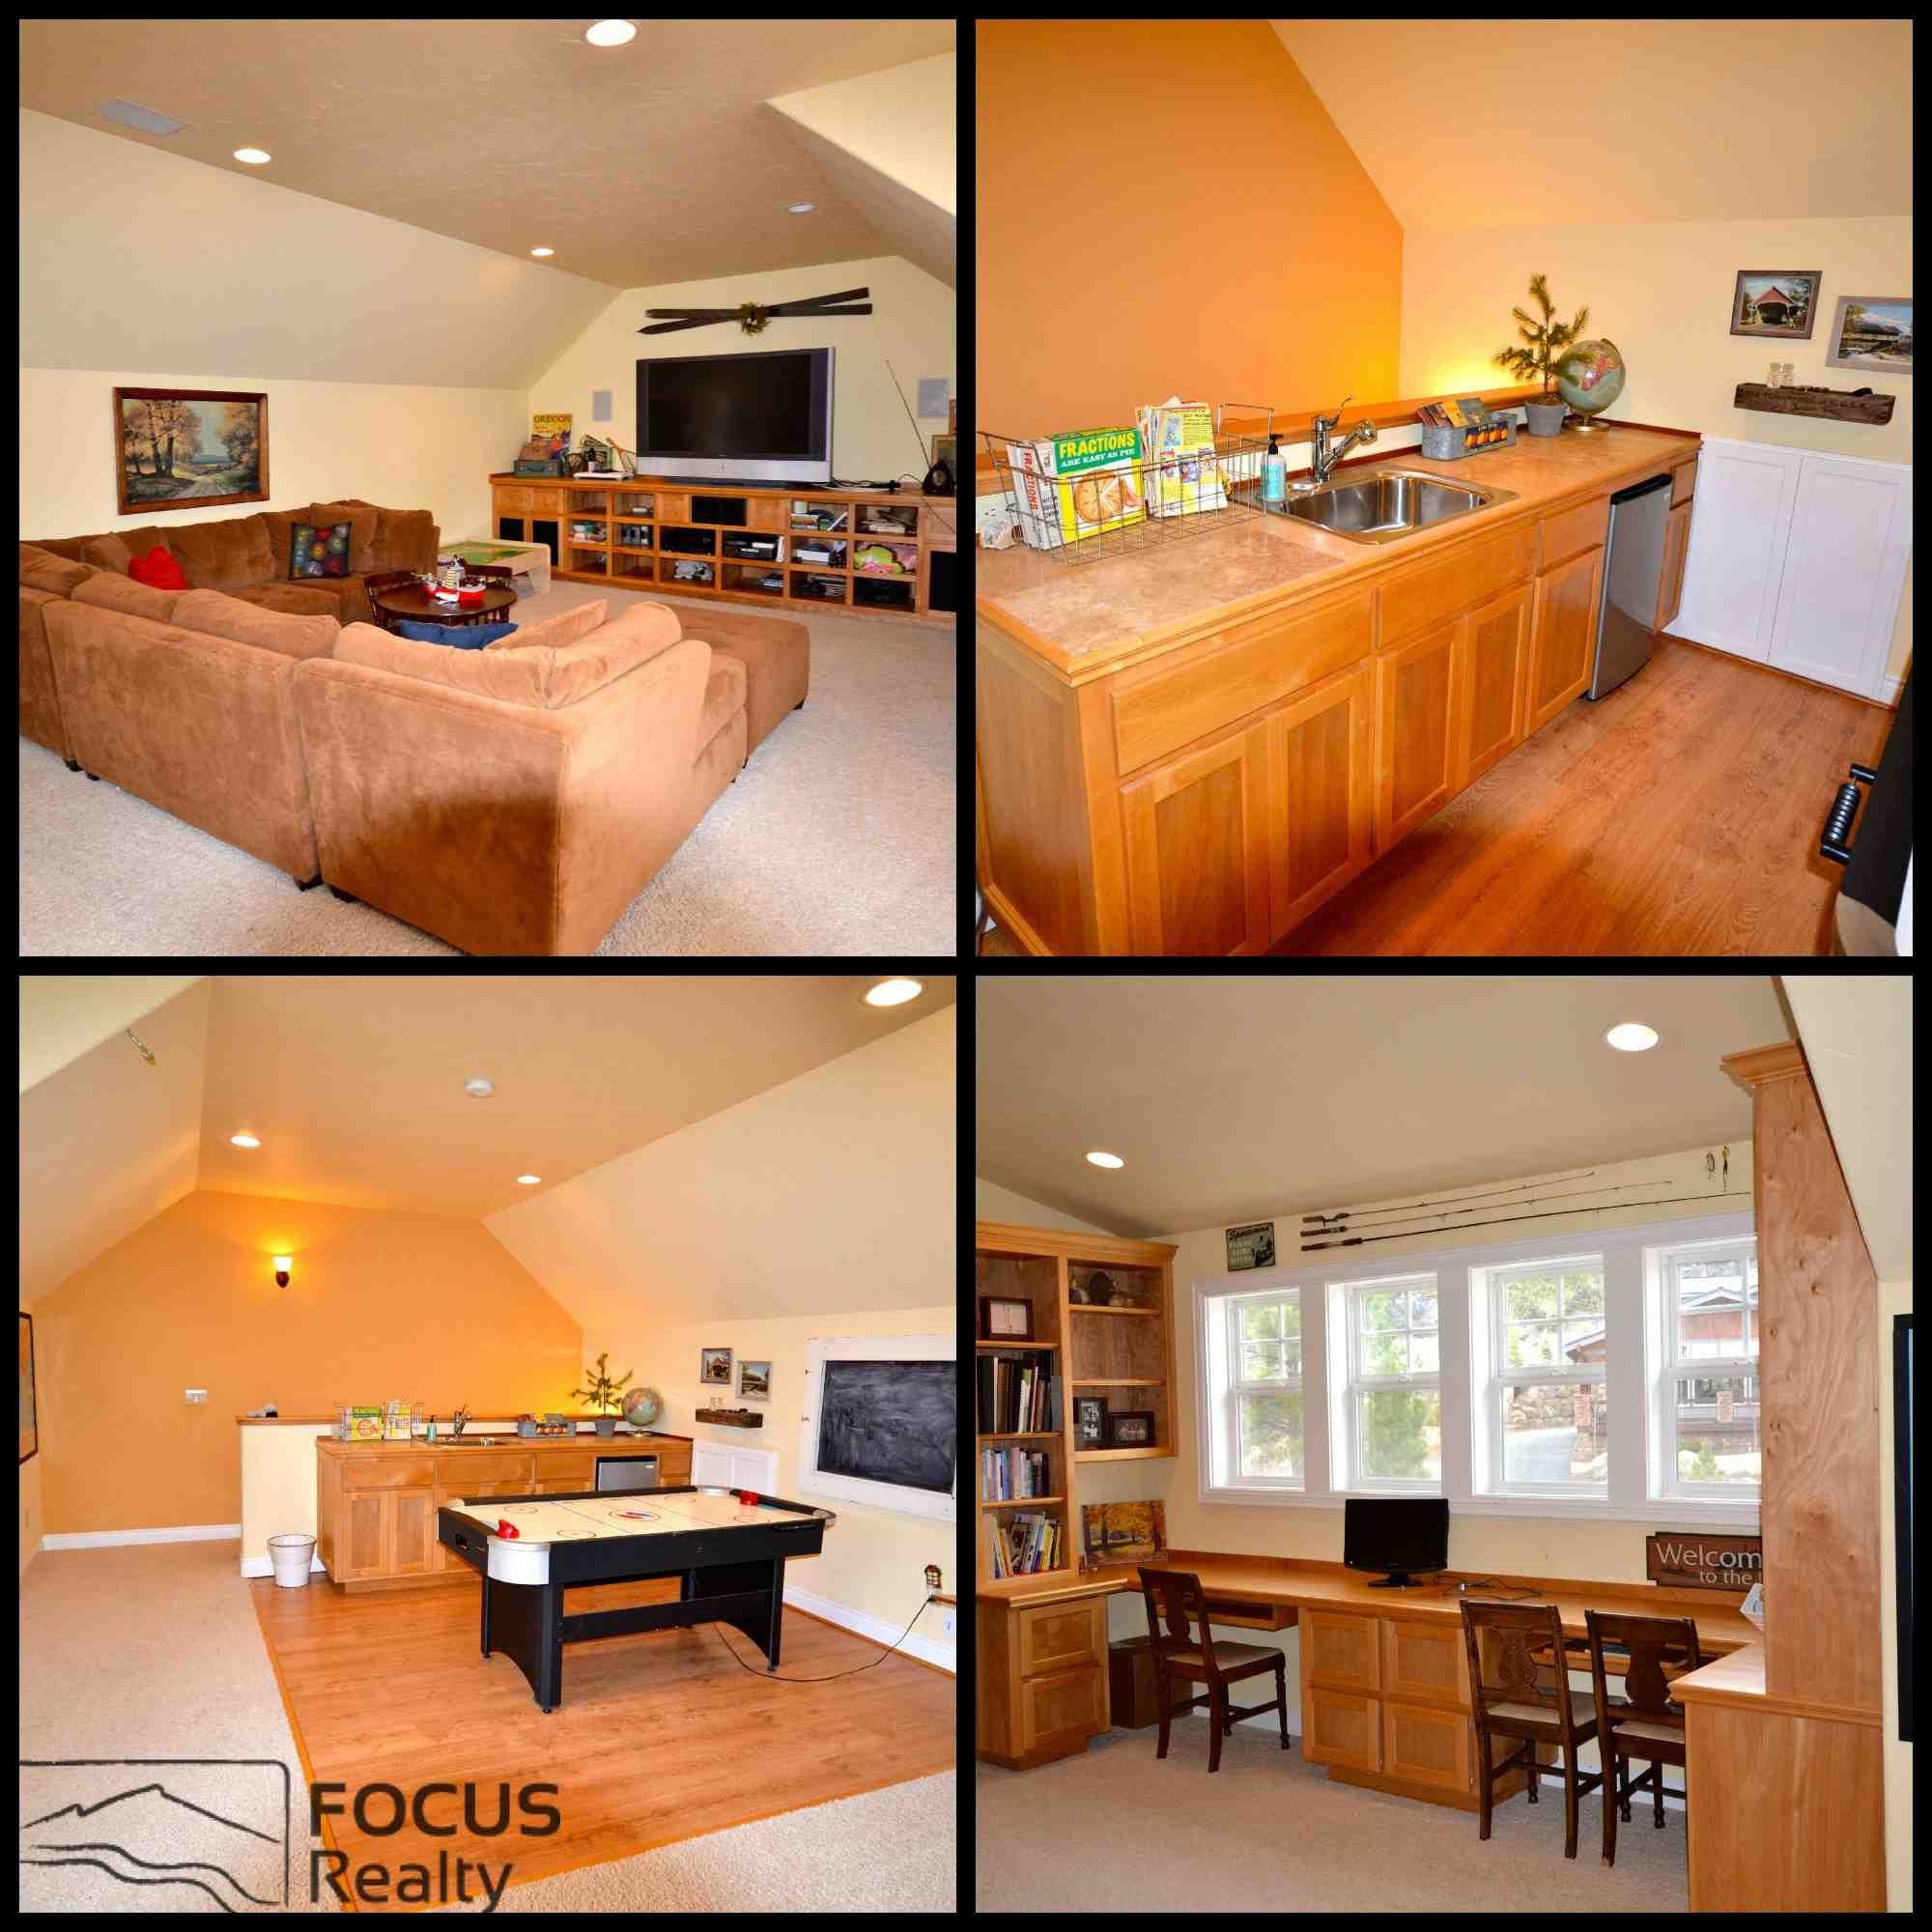 Next Home: Big Upstairs Bonus Room In Craftsman Home On Westside Bend